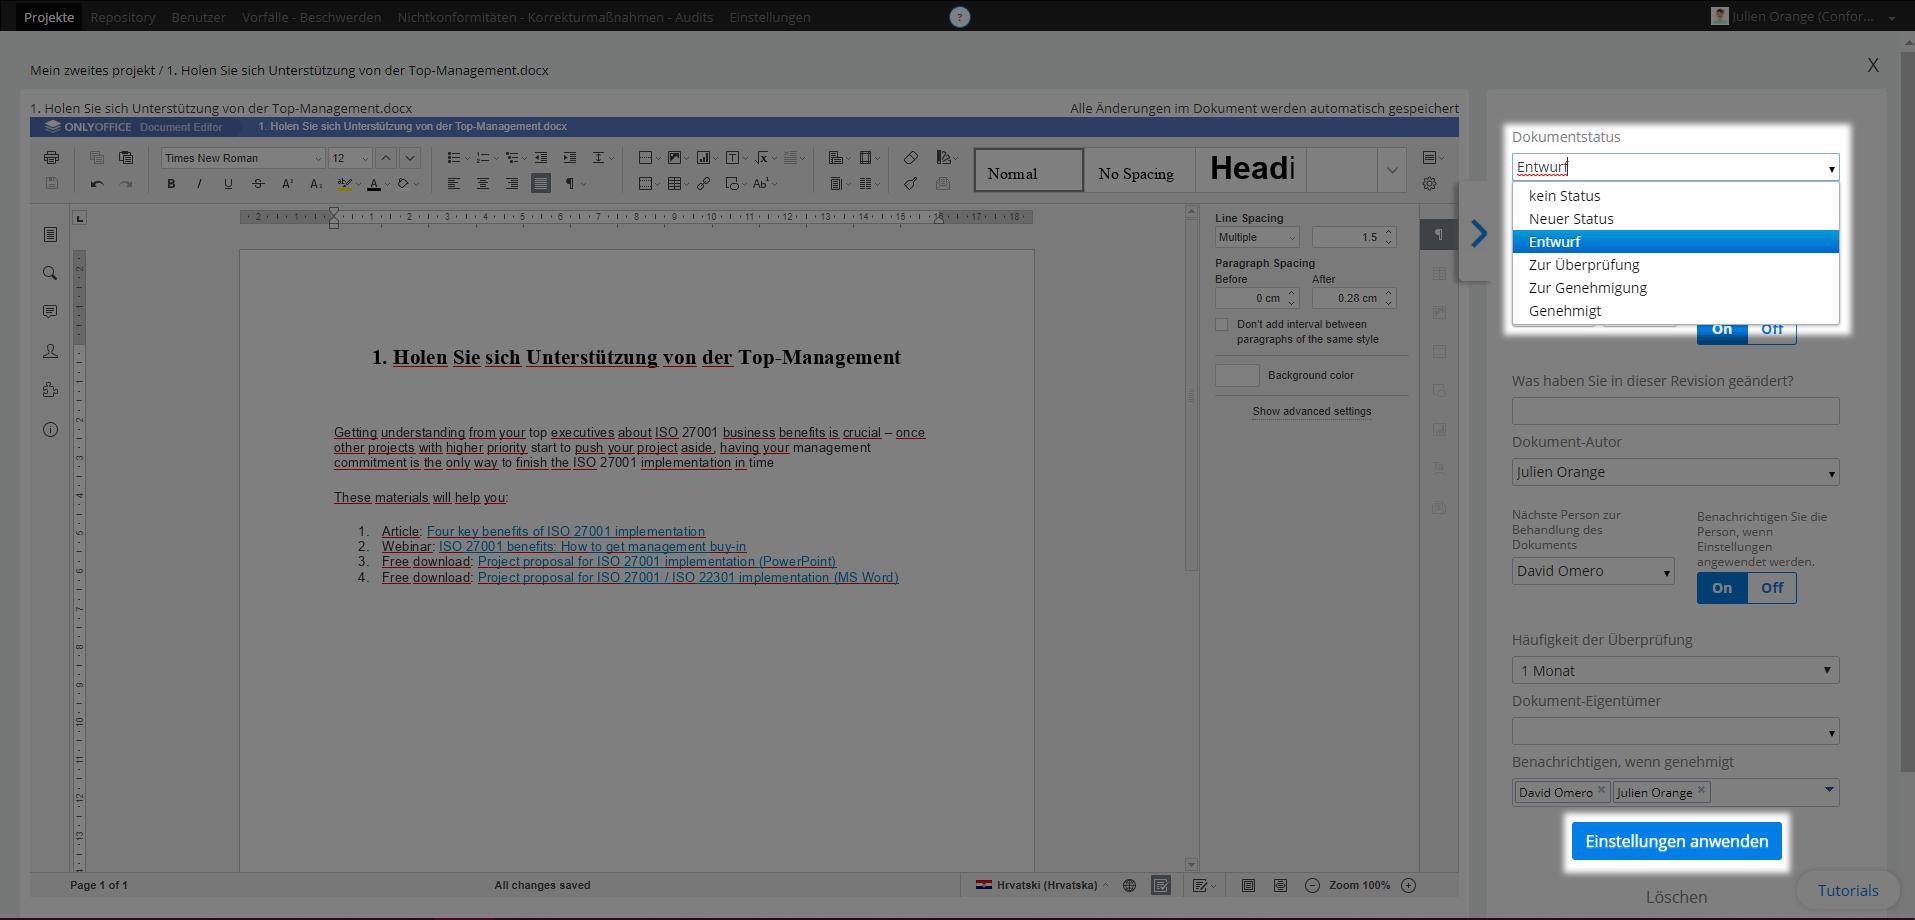 Status eines Dokuments festlegen - Kundenberatung